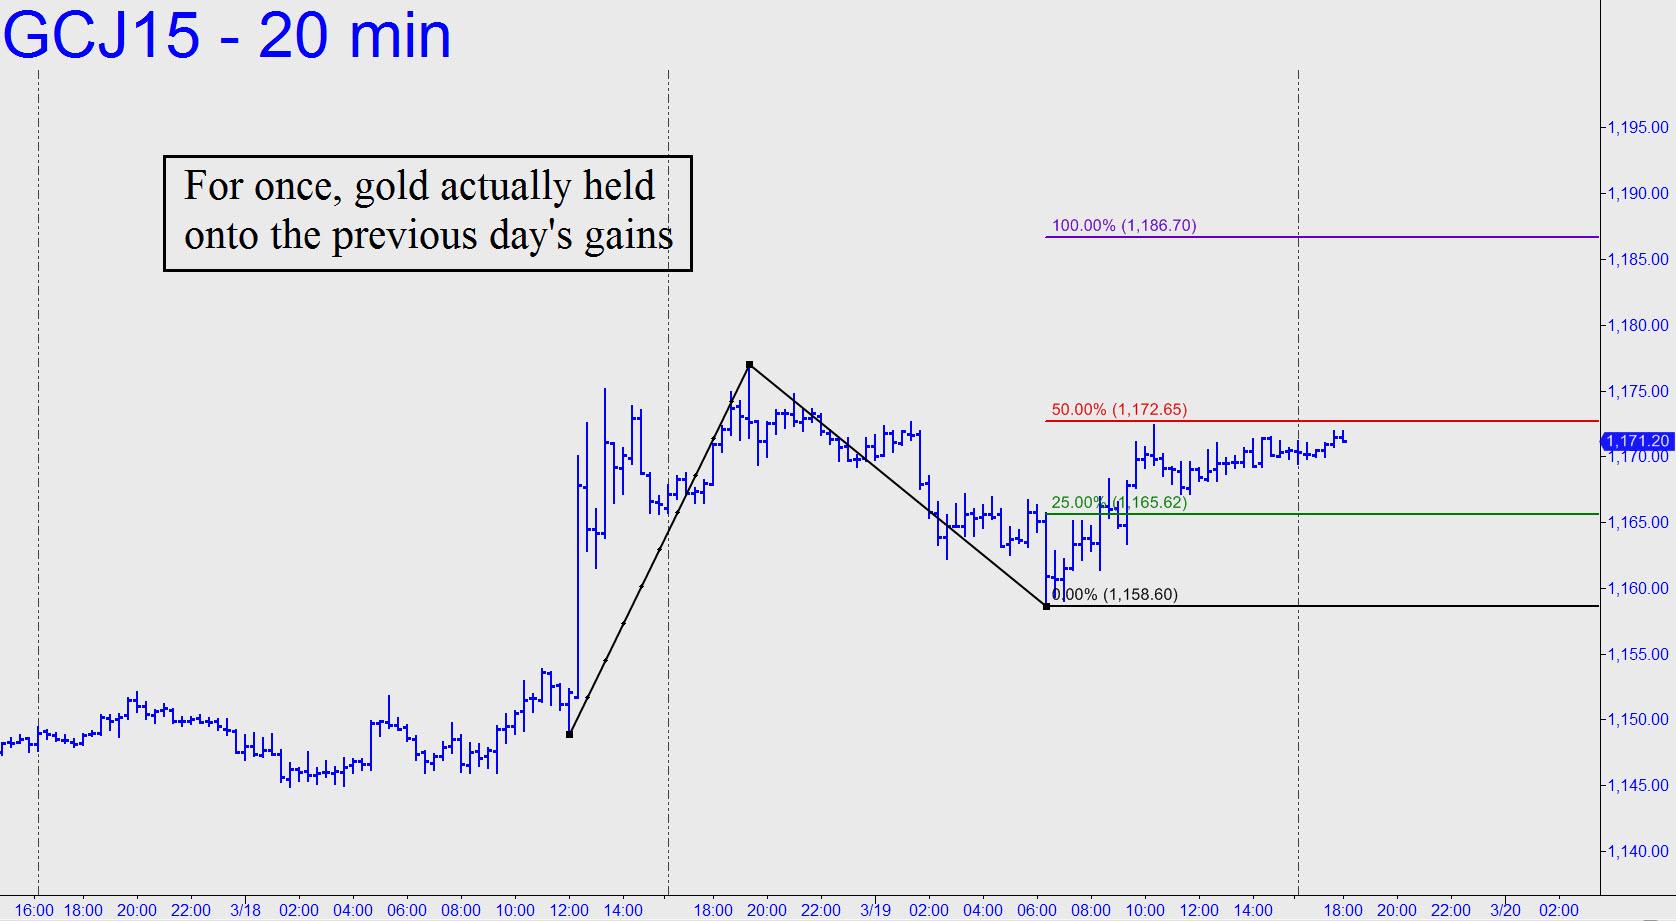 prix de l'or, de l'argent et des minières / suivi 2015 et ultérieurement - Page 2 Gold-actually-held-onto